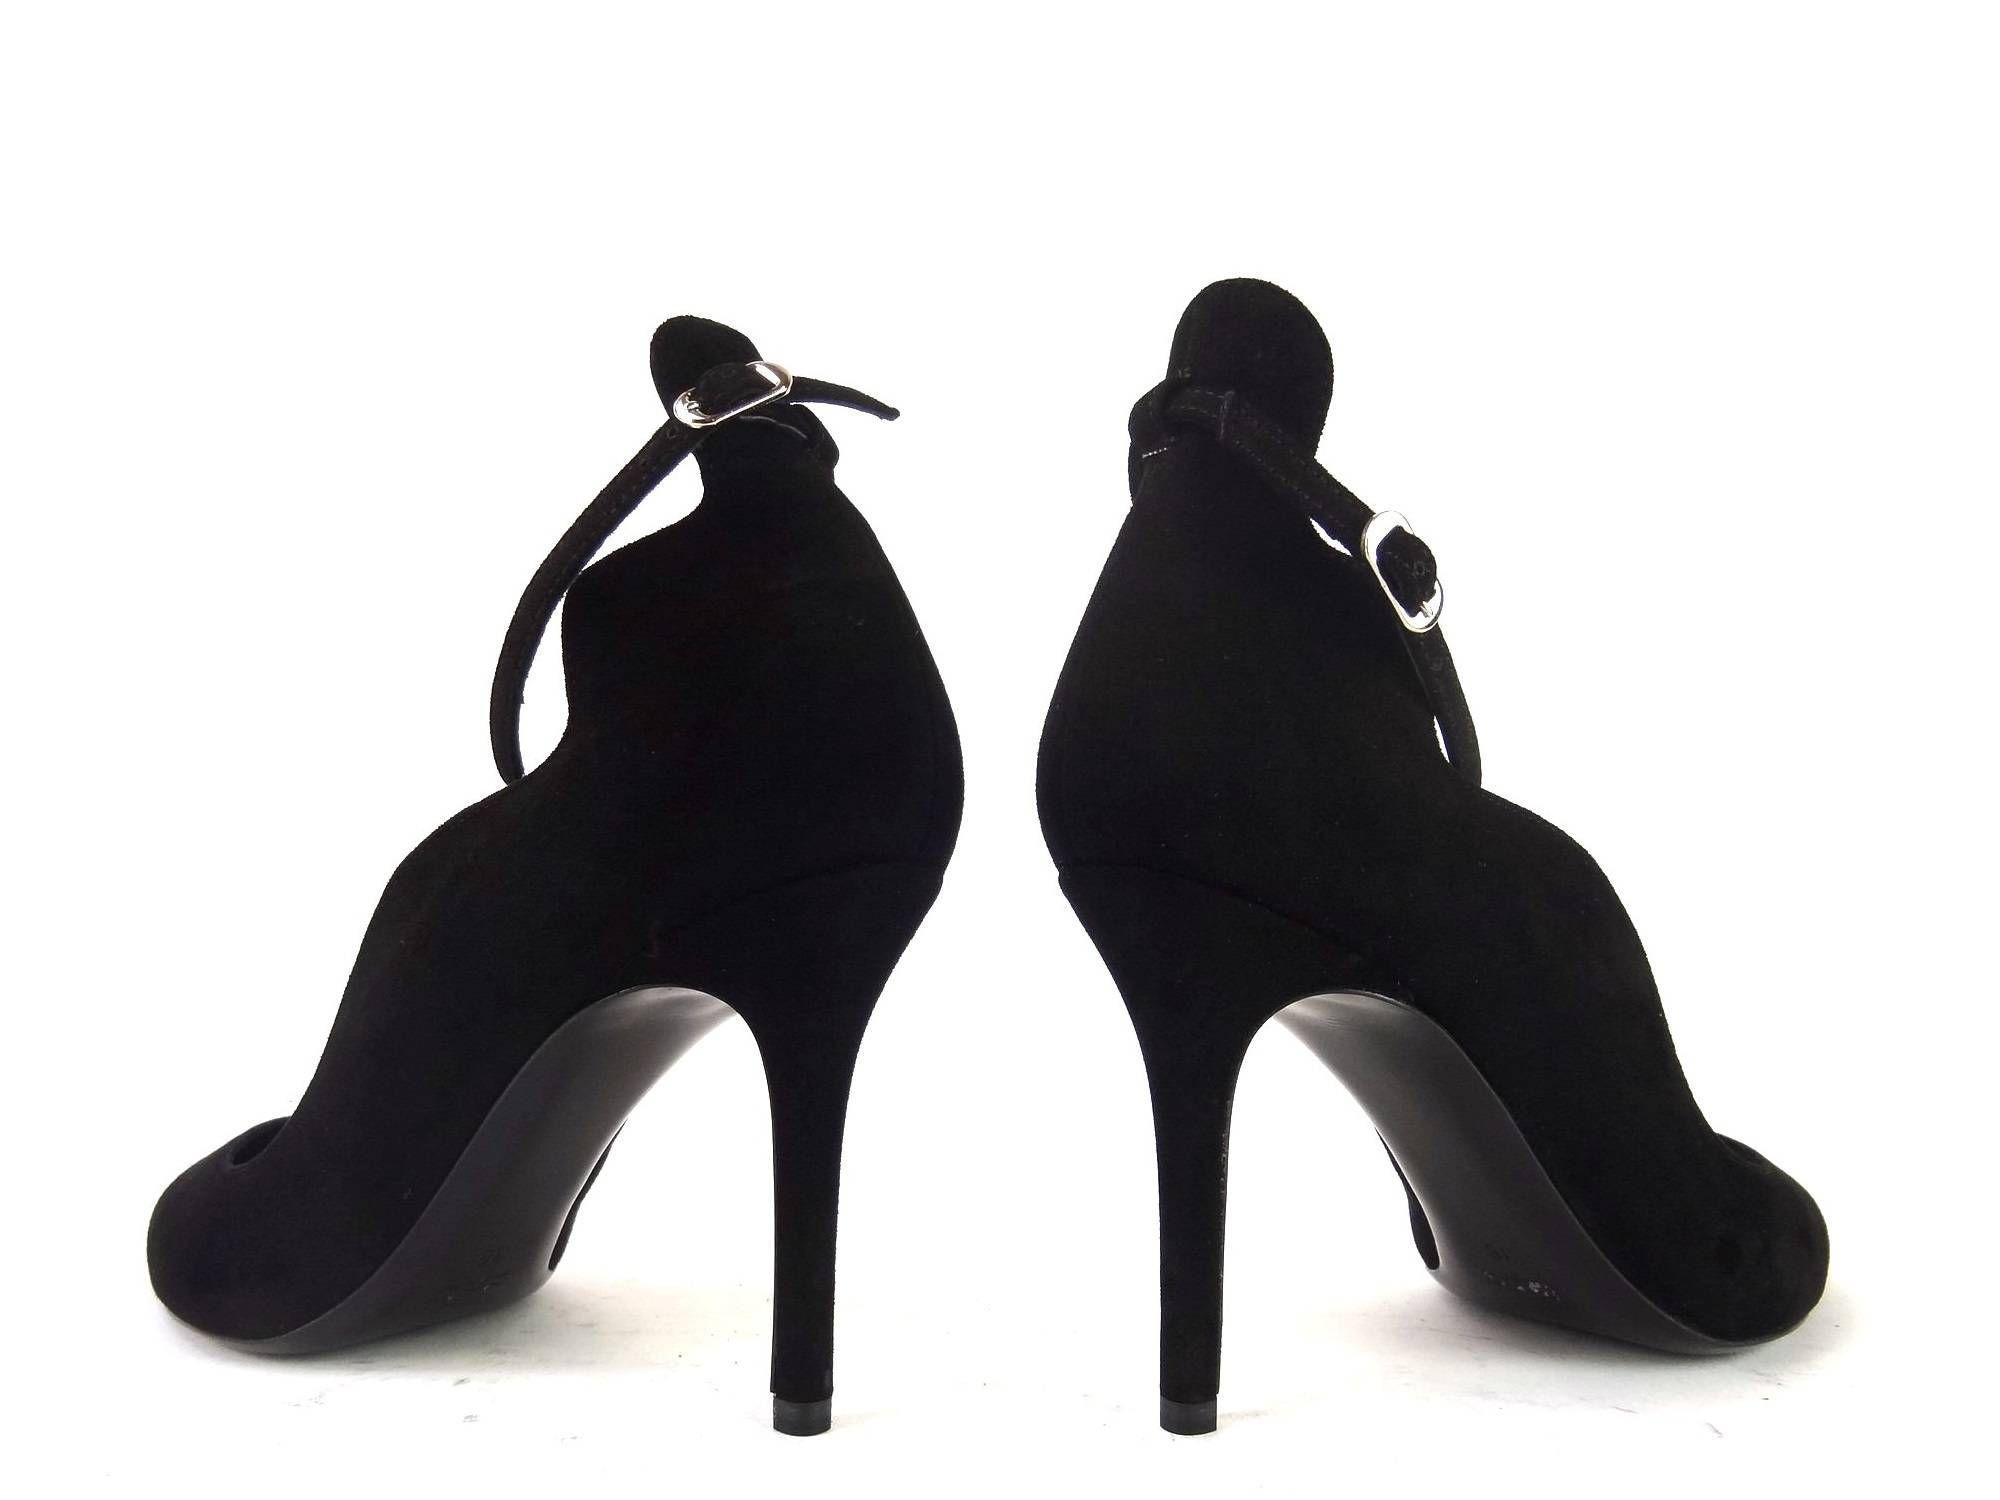 Référence: Ba Escarp Bride T9 en nubuck noir Marque:Ballin Type: Escarpins  Détails: Bride à la cheville Hauteur de talon:9cm Semelle: Cuir à patin de gomme antidérapant